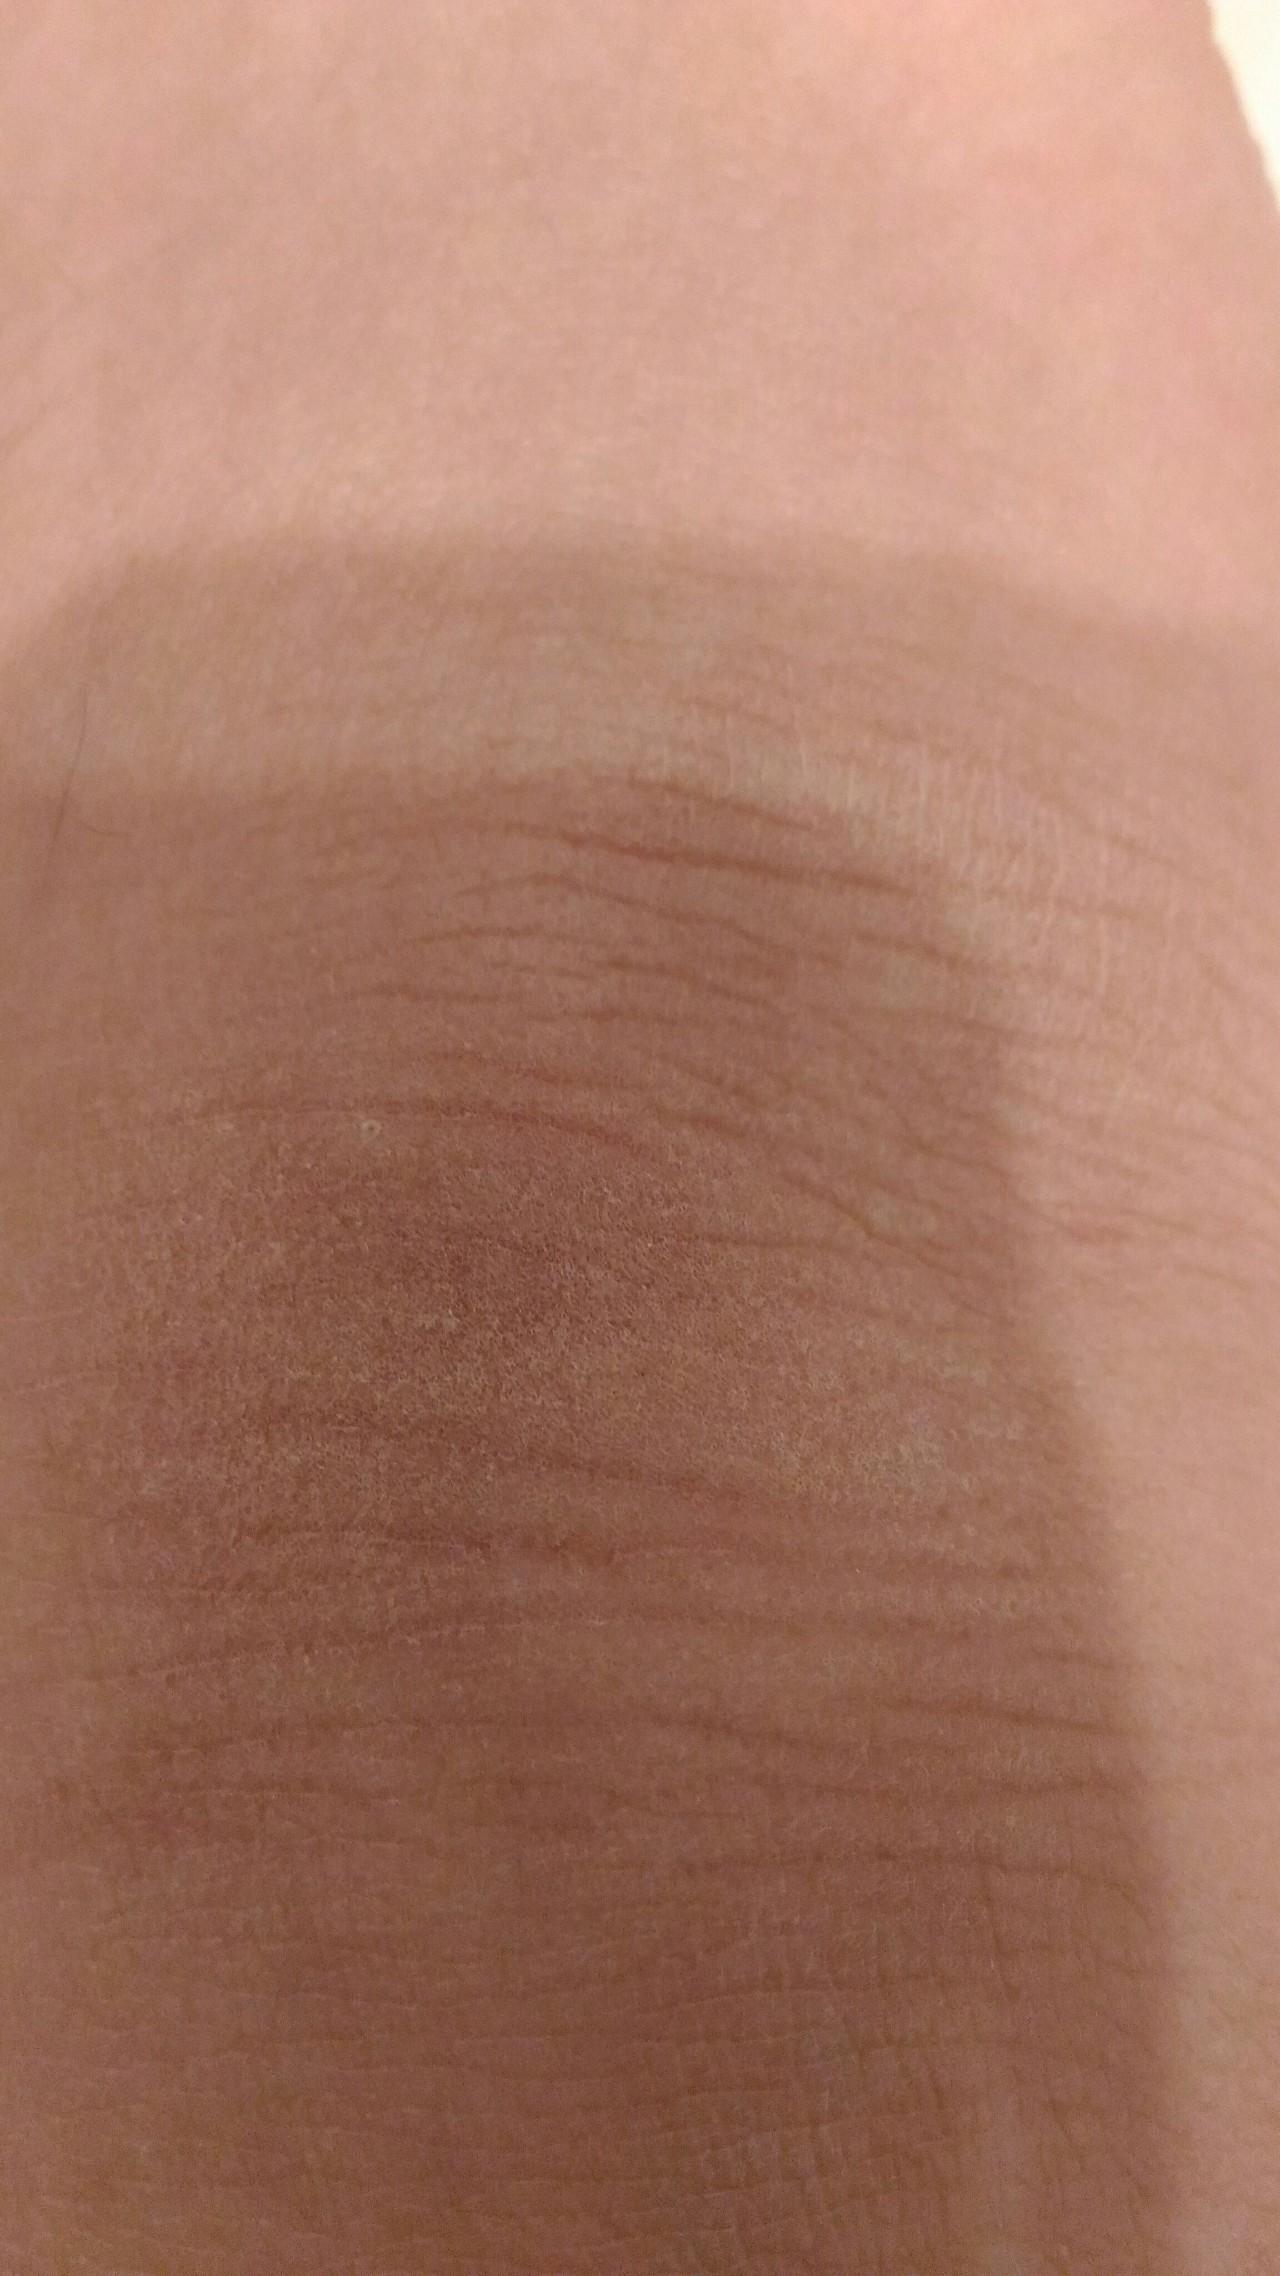 сухая кожа на ноге возле косточки